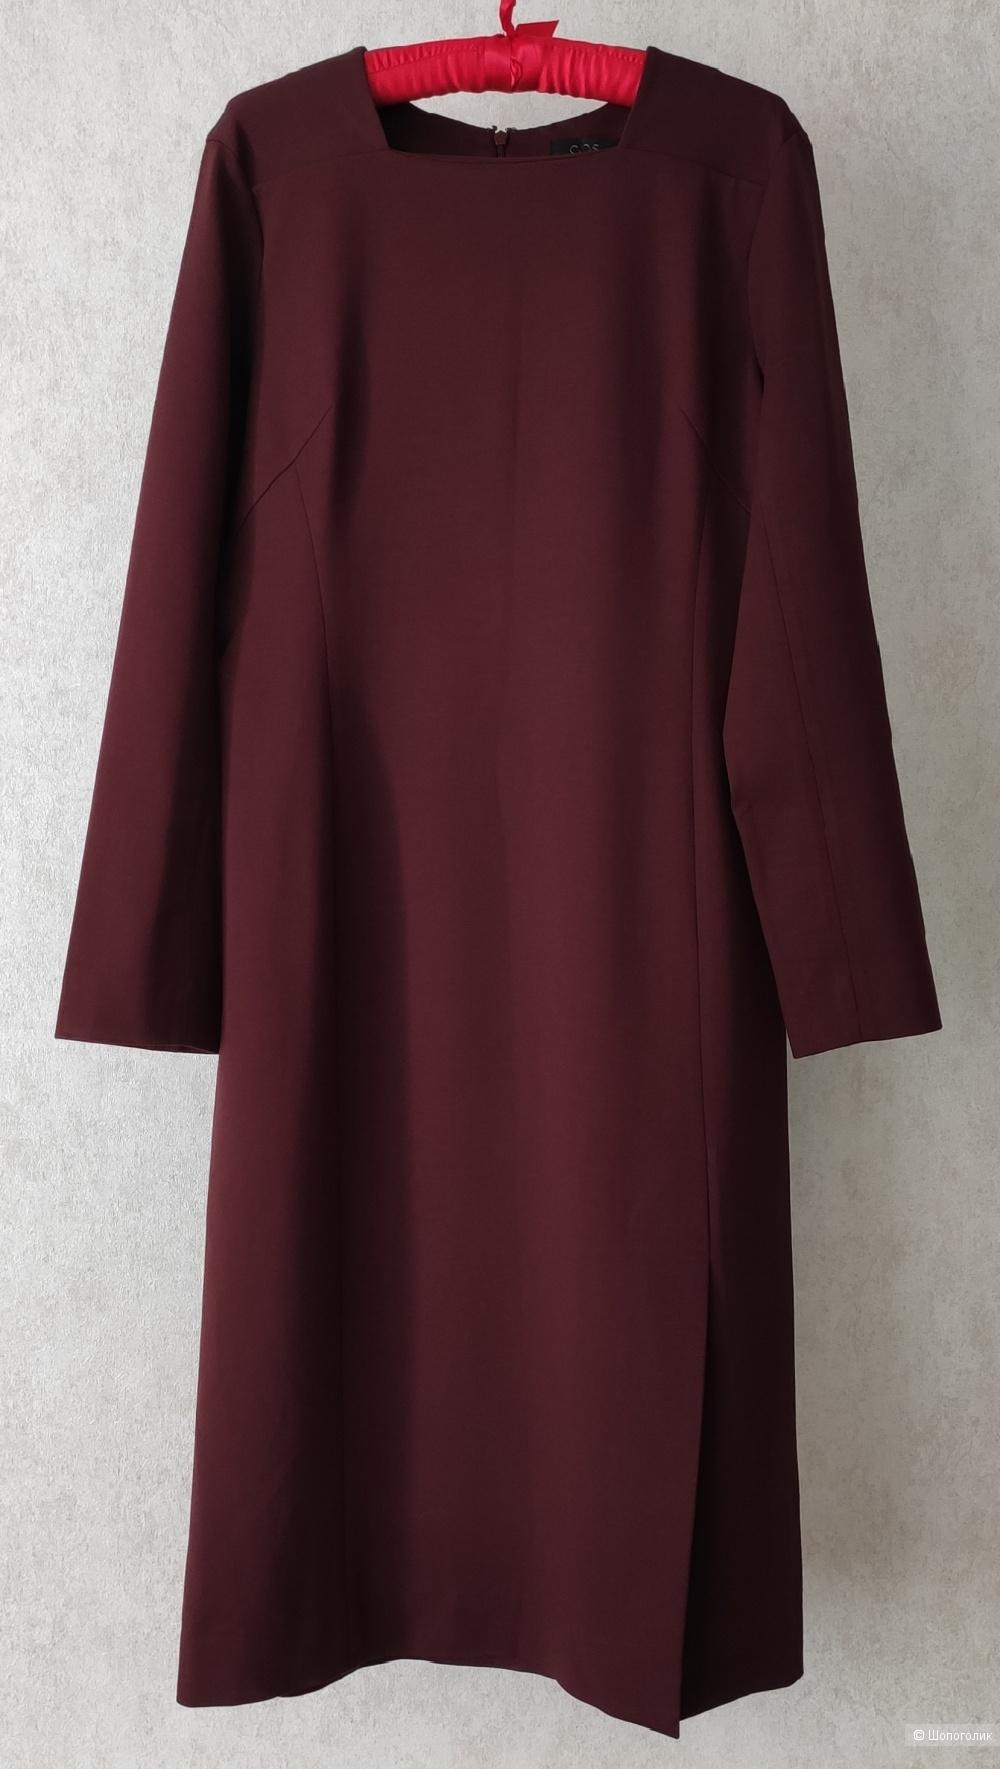 Платье COS, маркировка 12